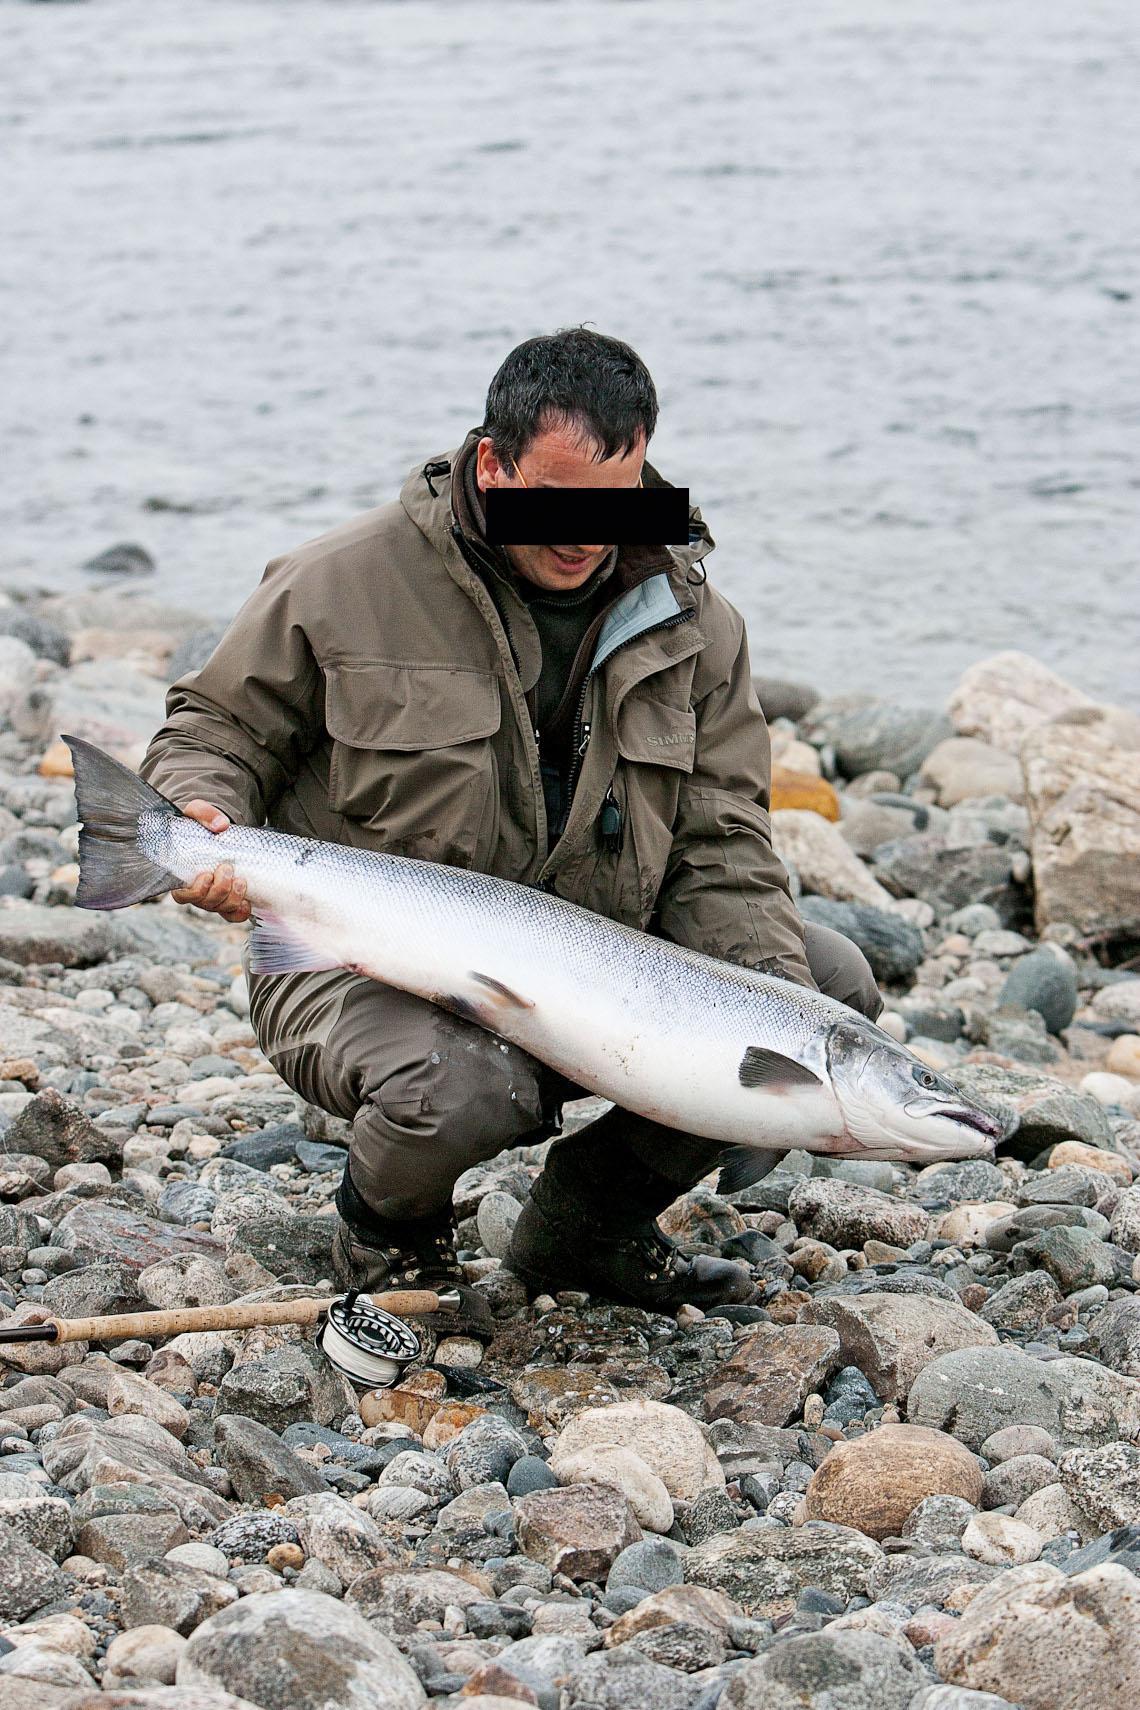 Franskmanden med et nordnorsk pragteksemplar på 14,5 kilo.